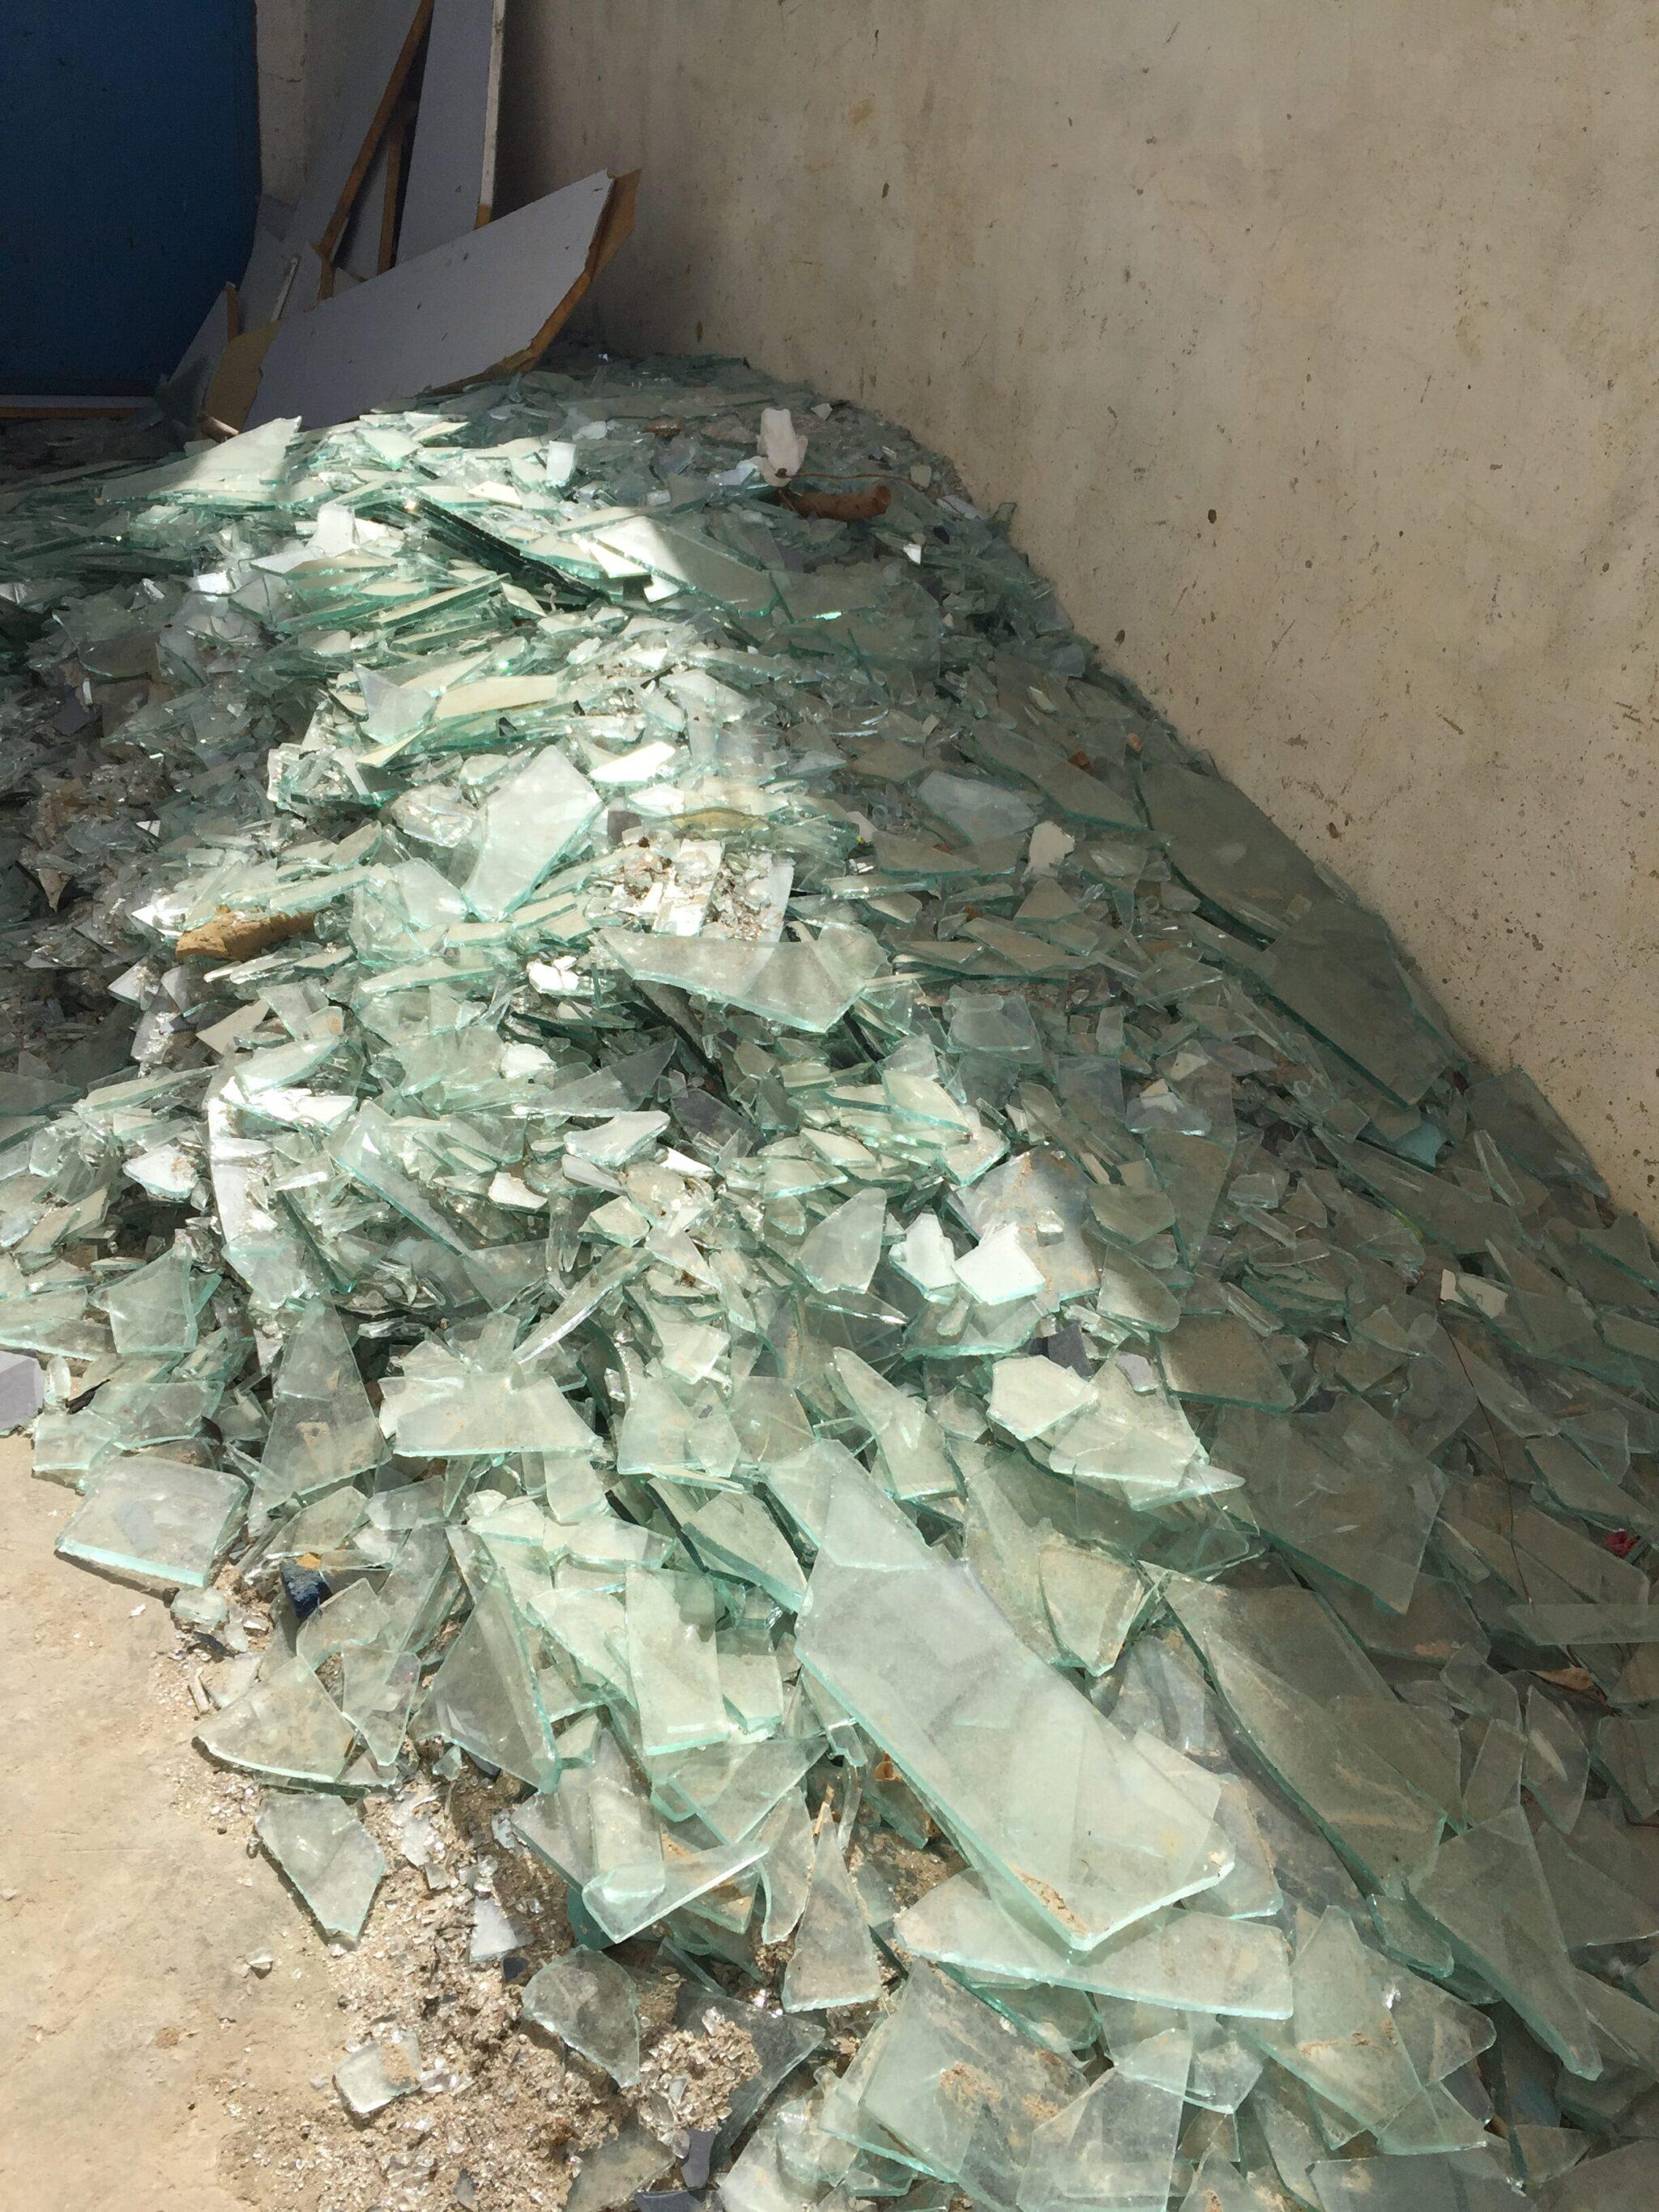 la-soufflerie-broken-recycled-glass-hand-blown